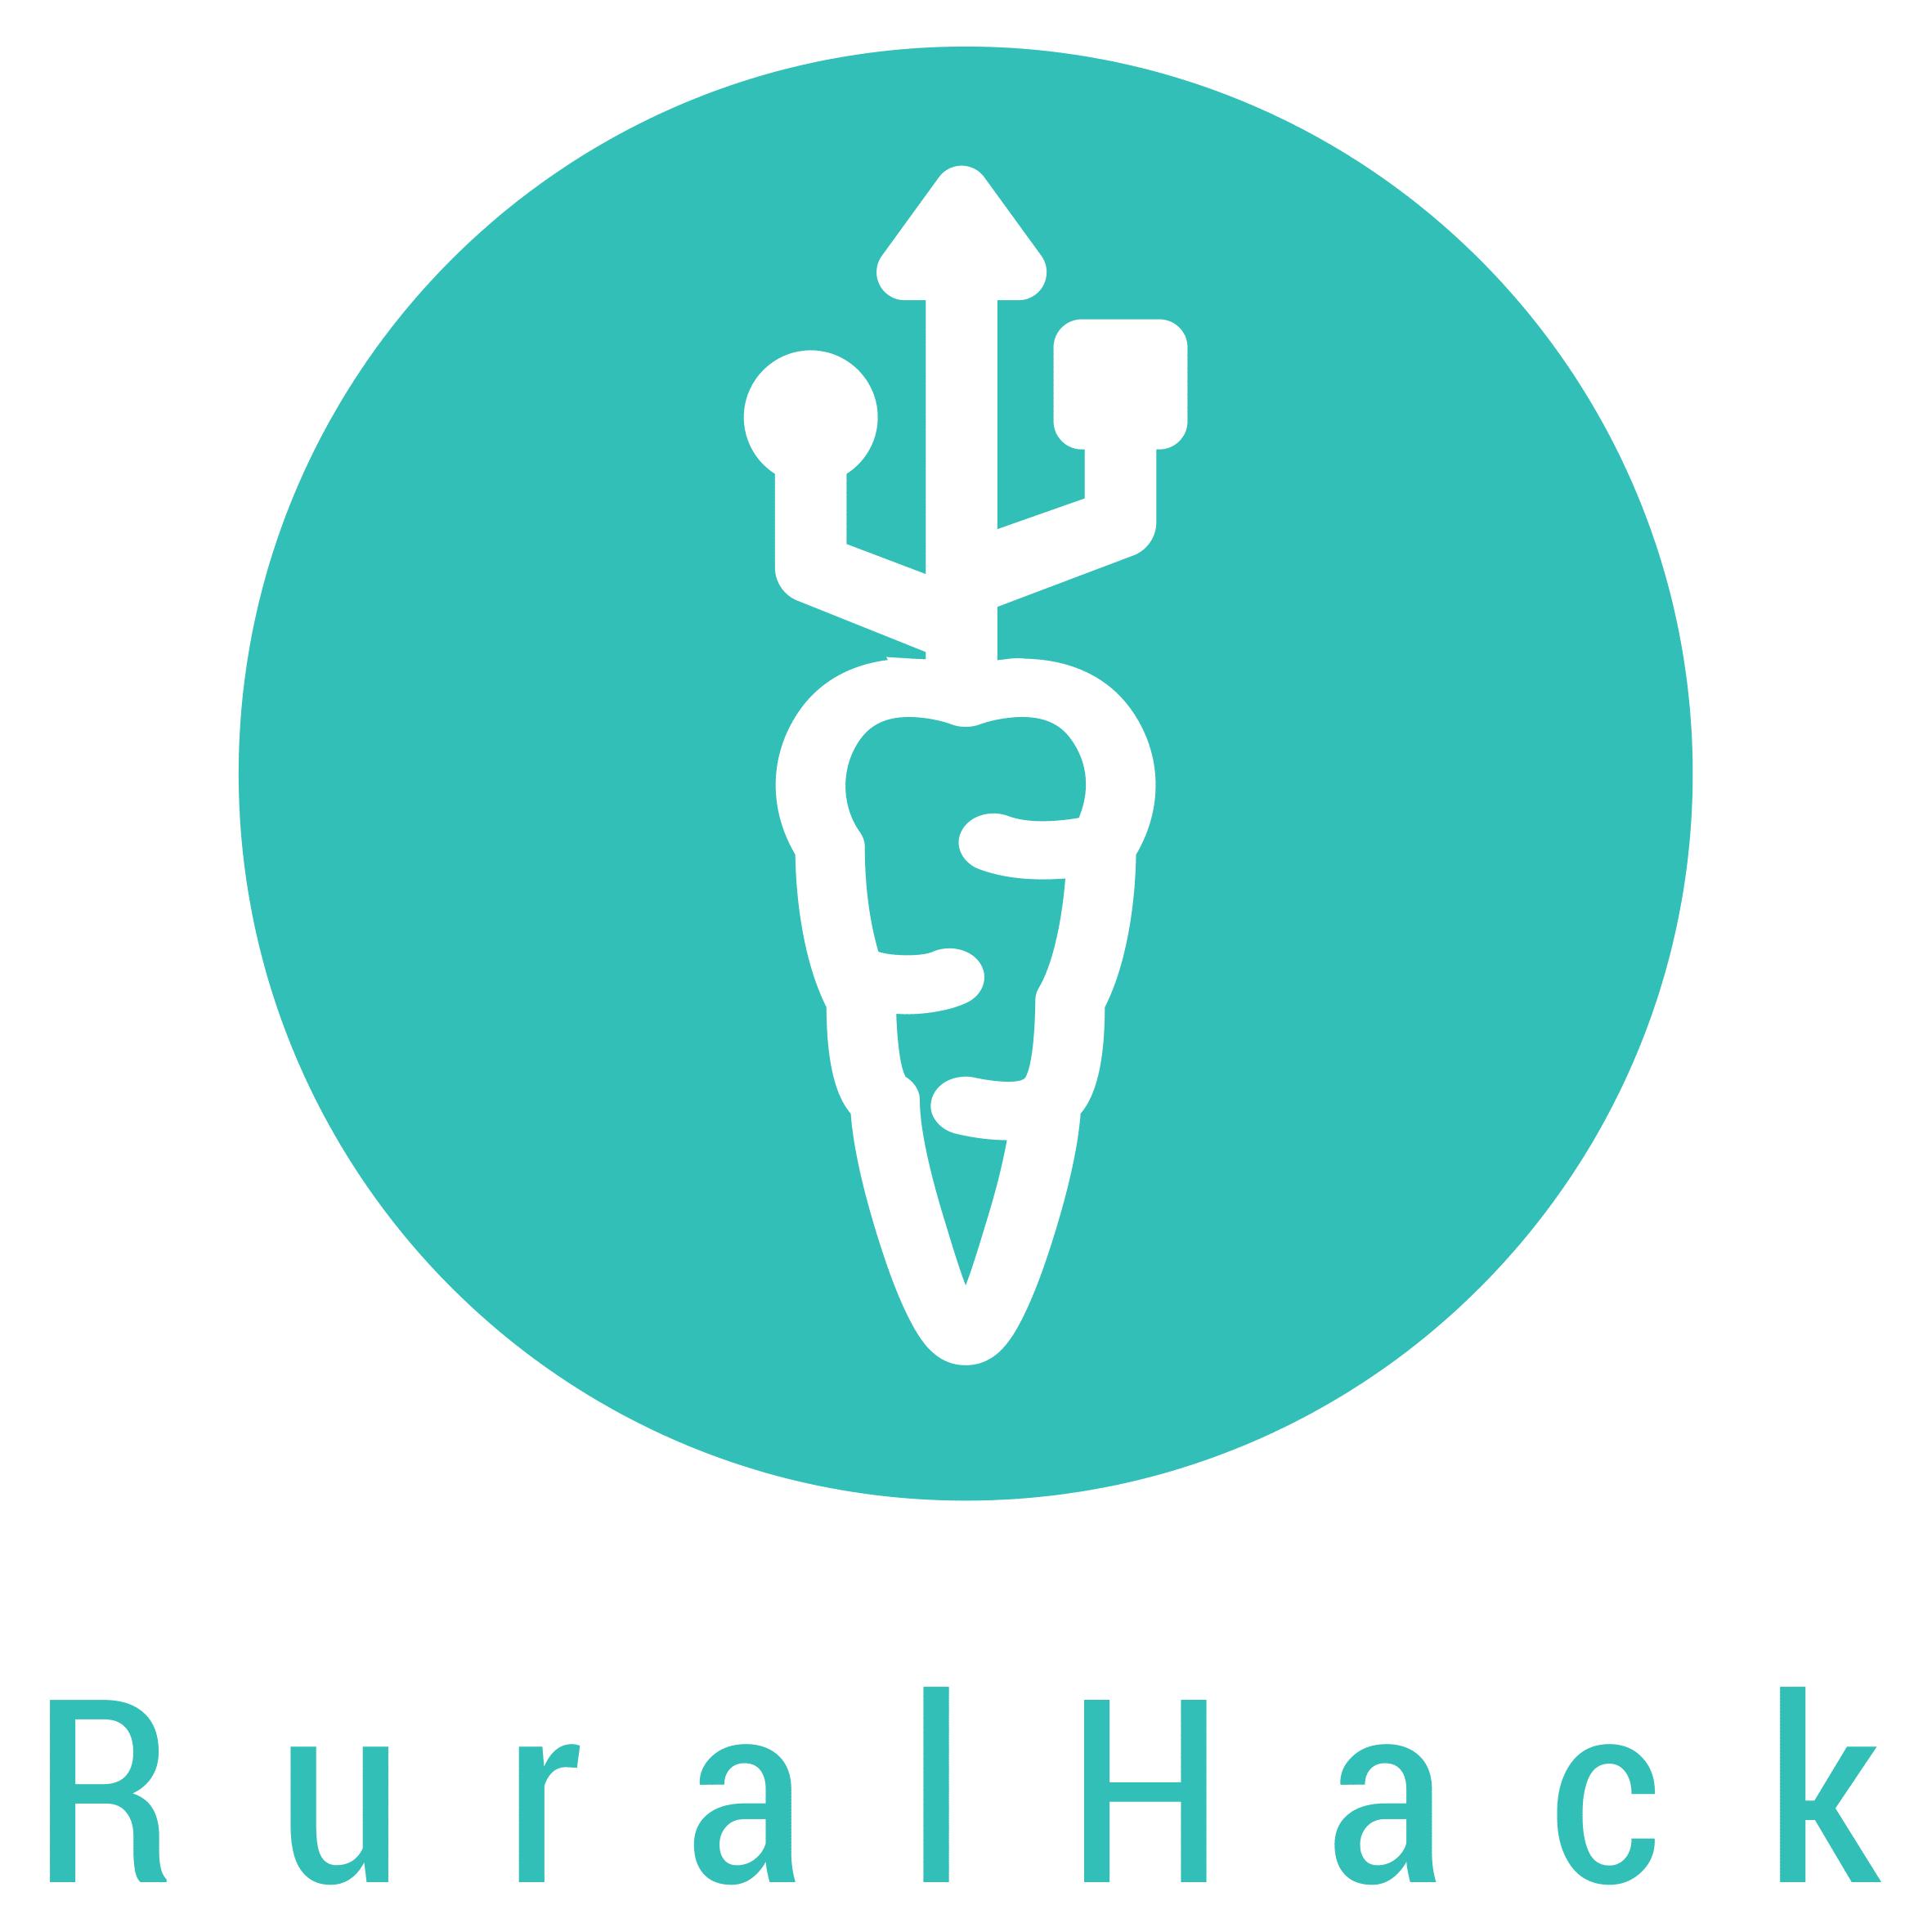 Agricoltura, innovazione 4.0 e aree interne